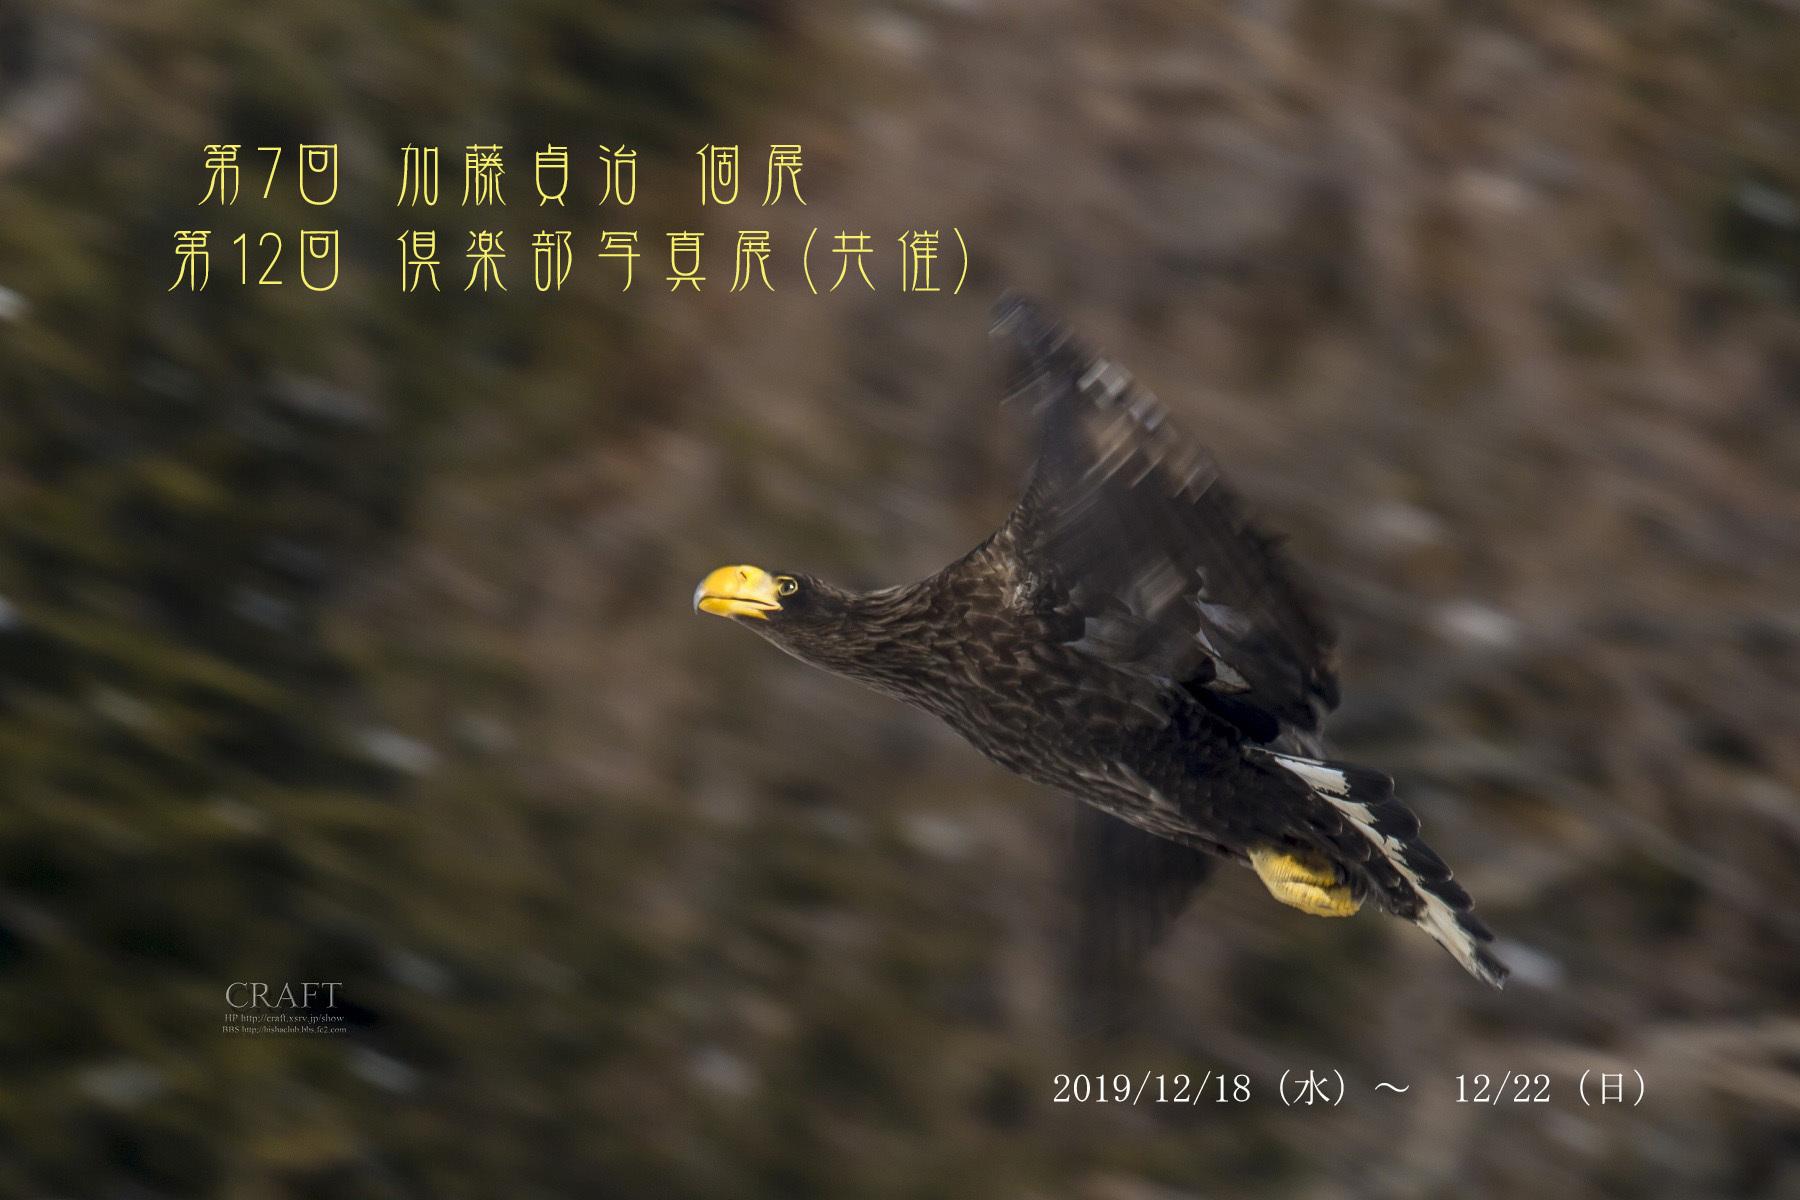 2019 12月 翔 写真展